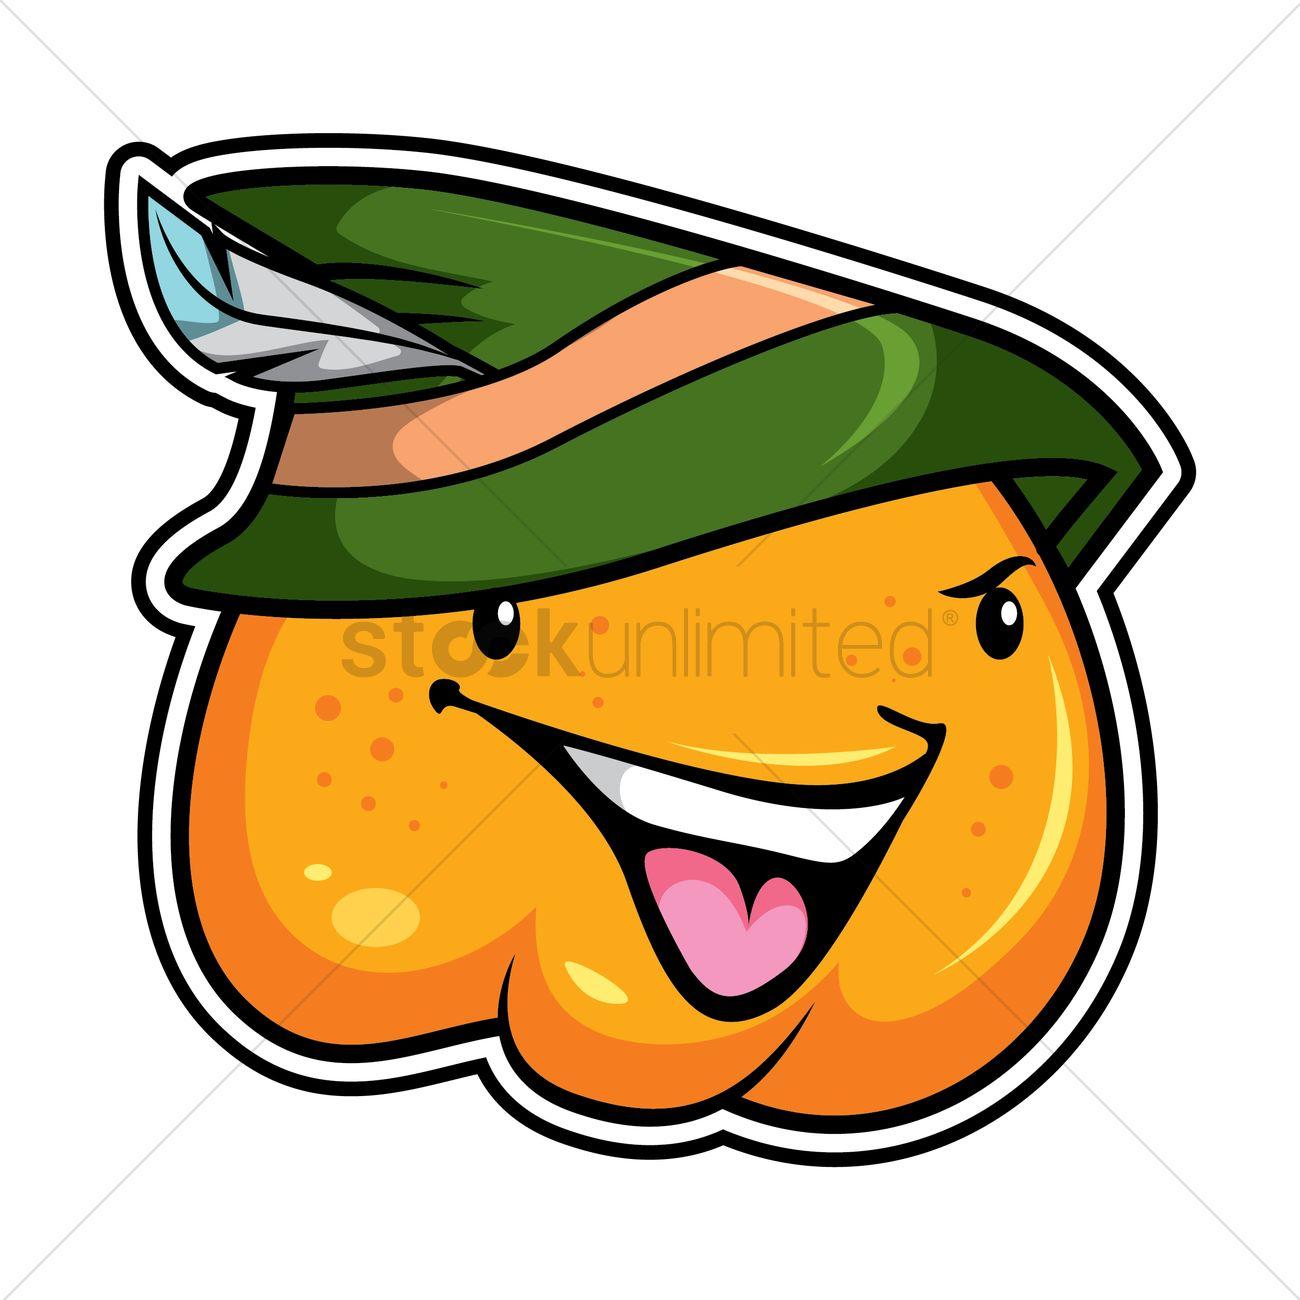 1300x1300 Pumpkin As Robin Hood Vector Image